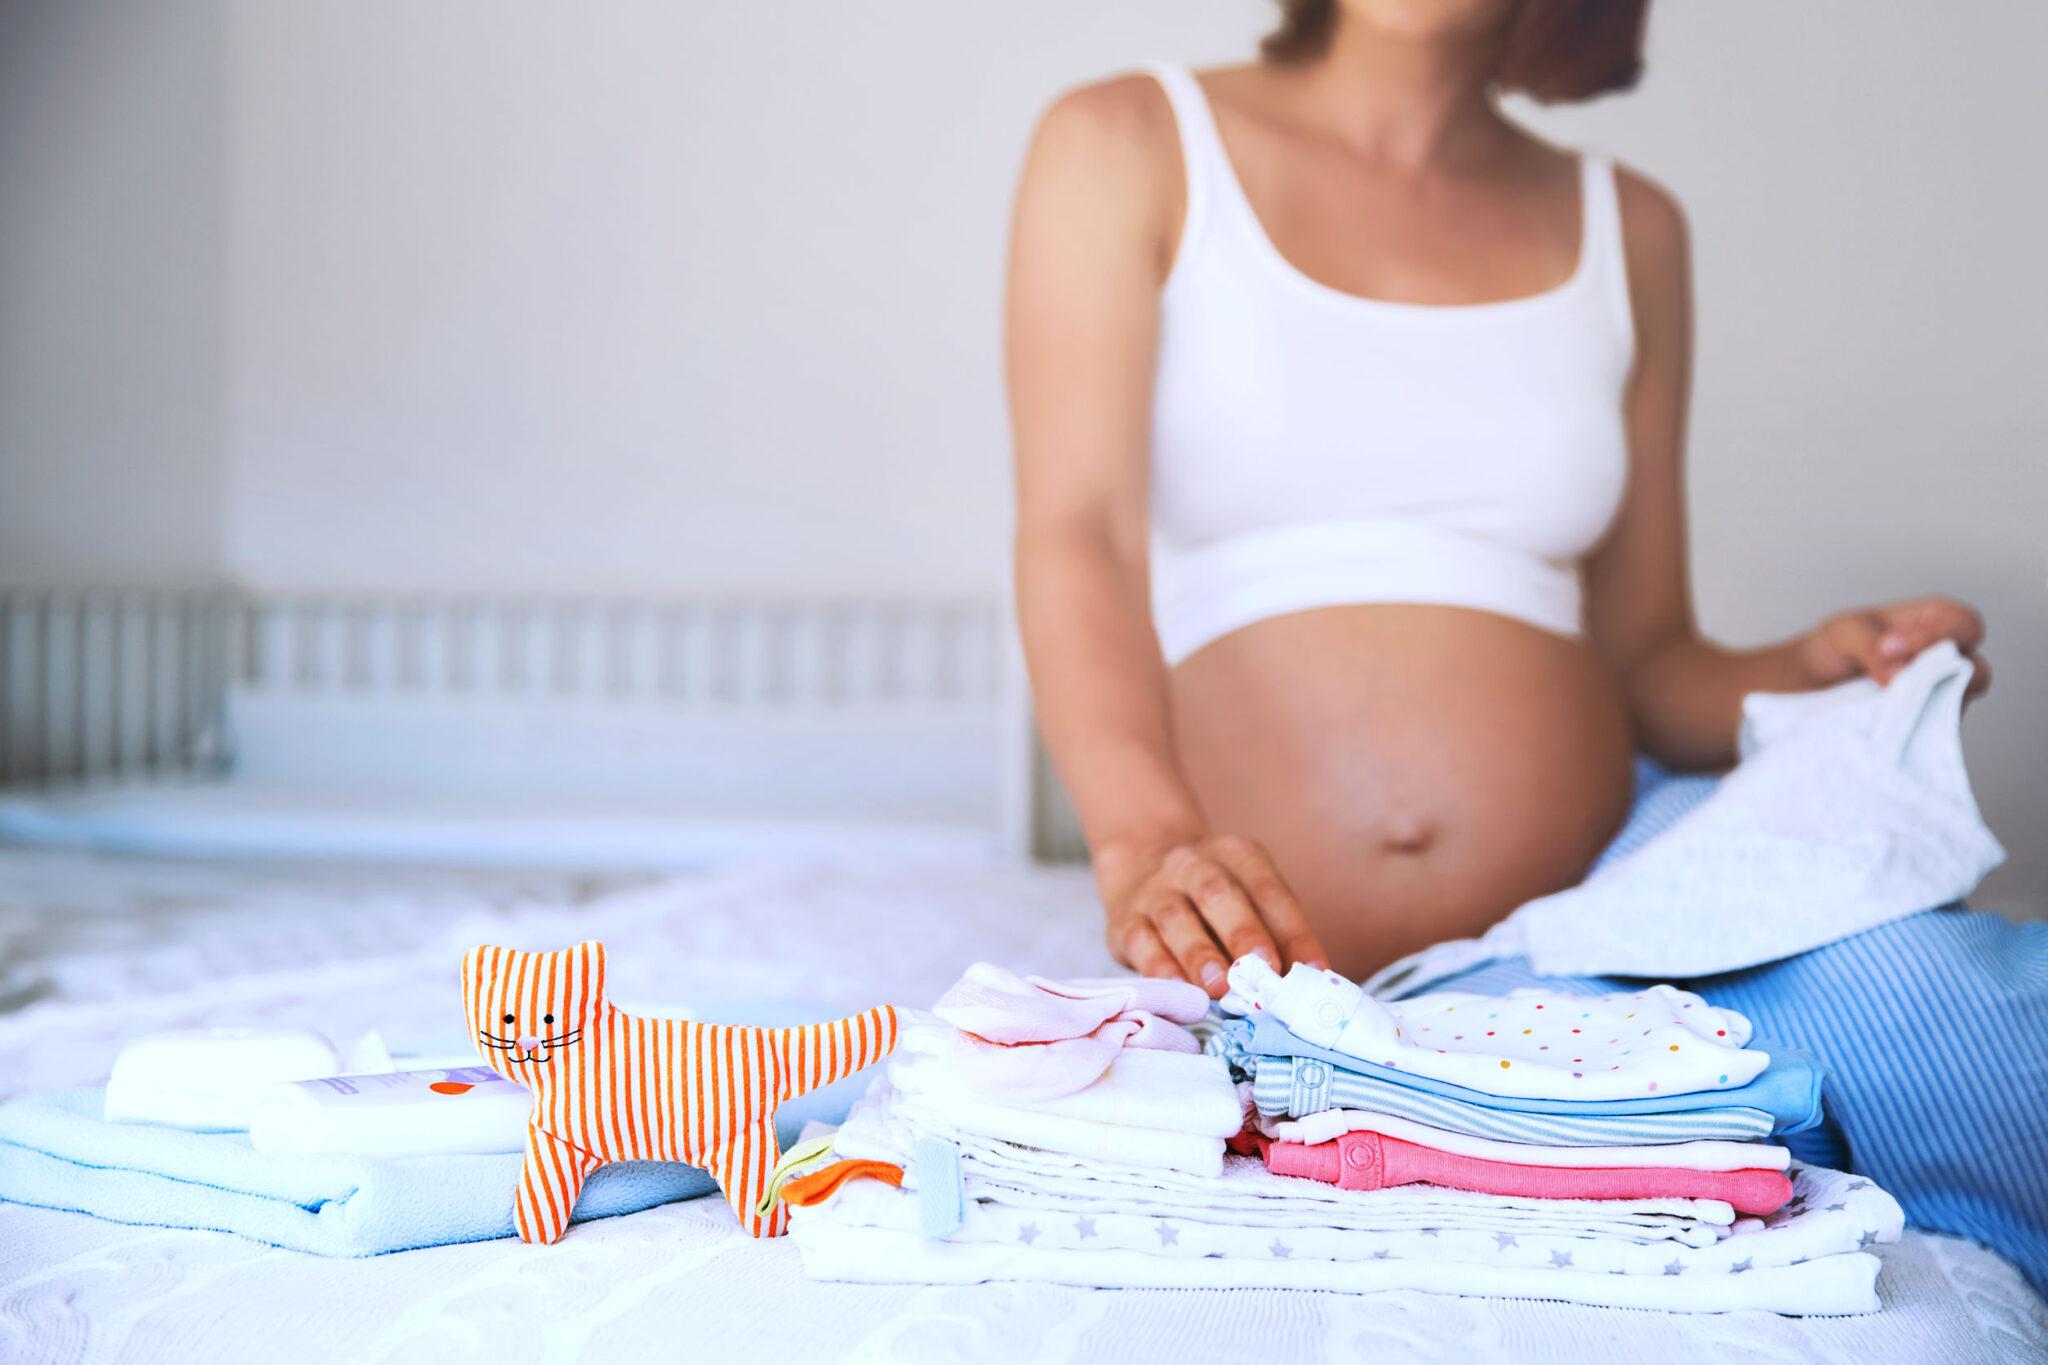 Met hoeveel weken bevallen; voorspellen, wanneer meeste vrouwen en wat is de gemiddelde zwangerschapsduur? - Mamaliefde.nl